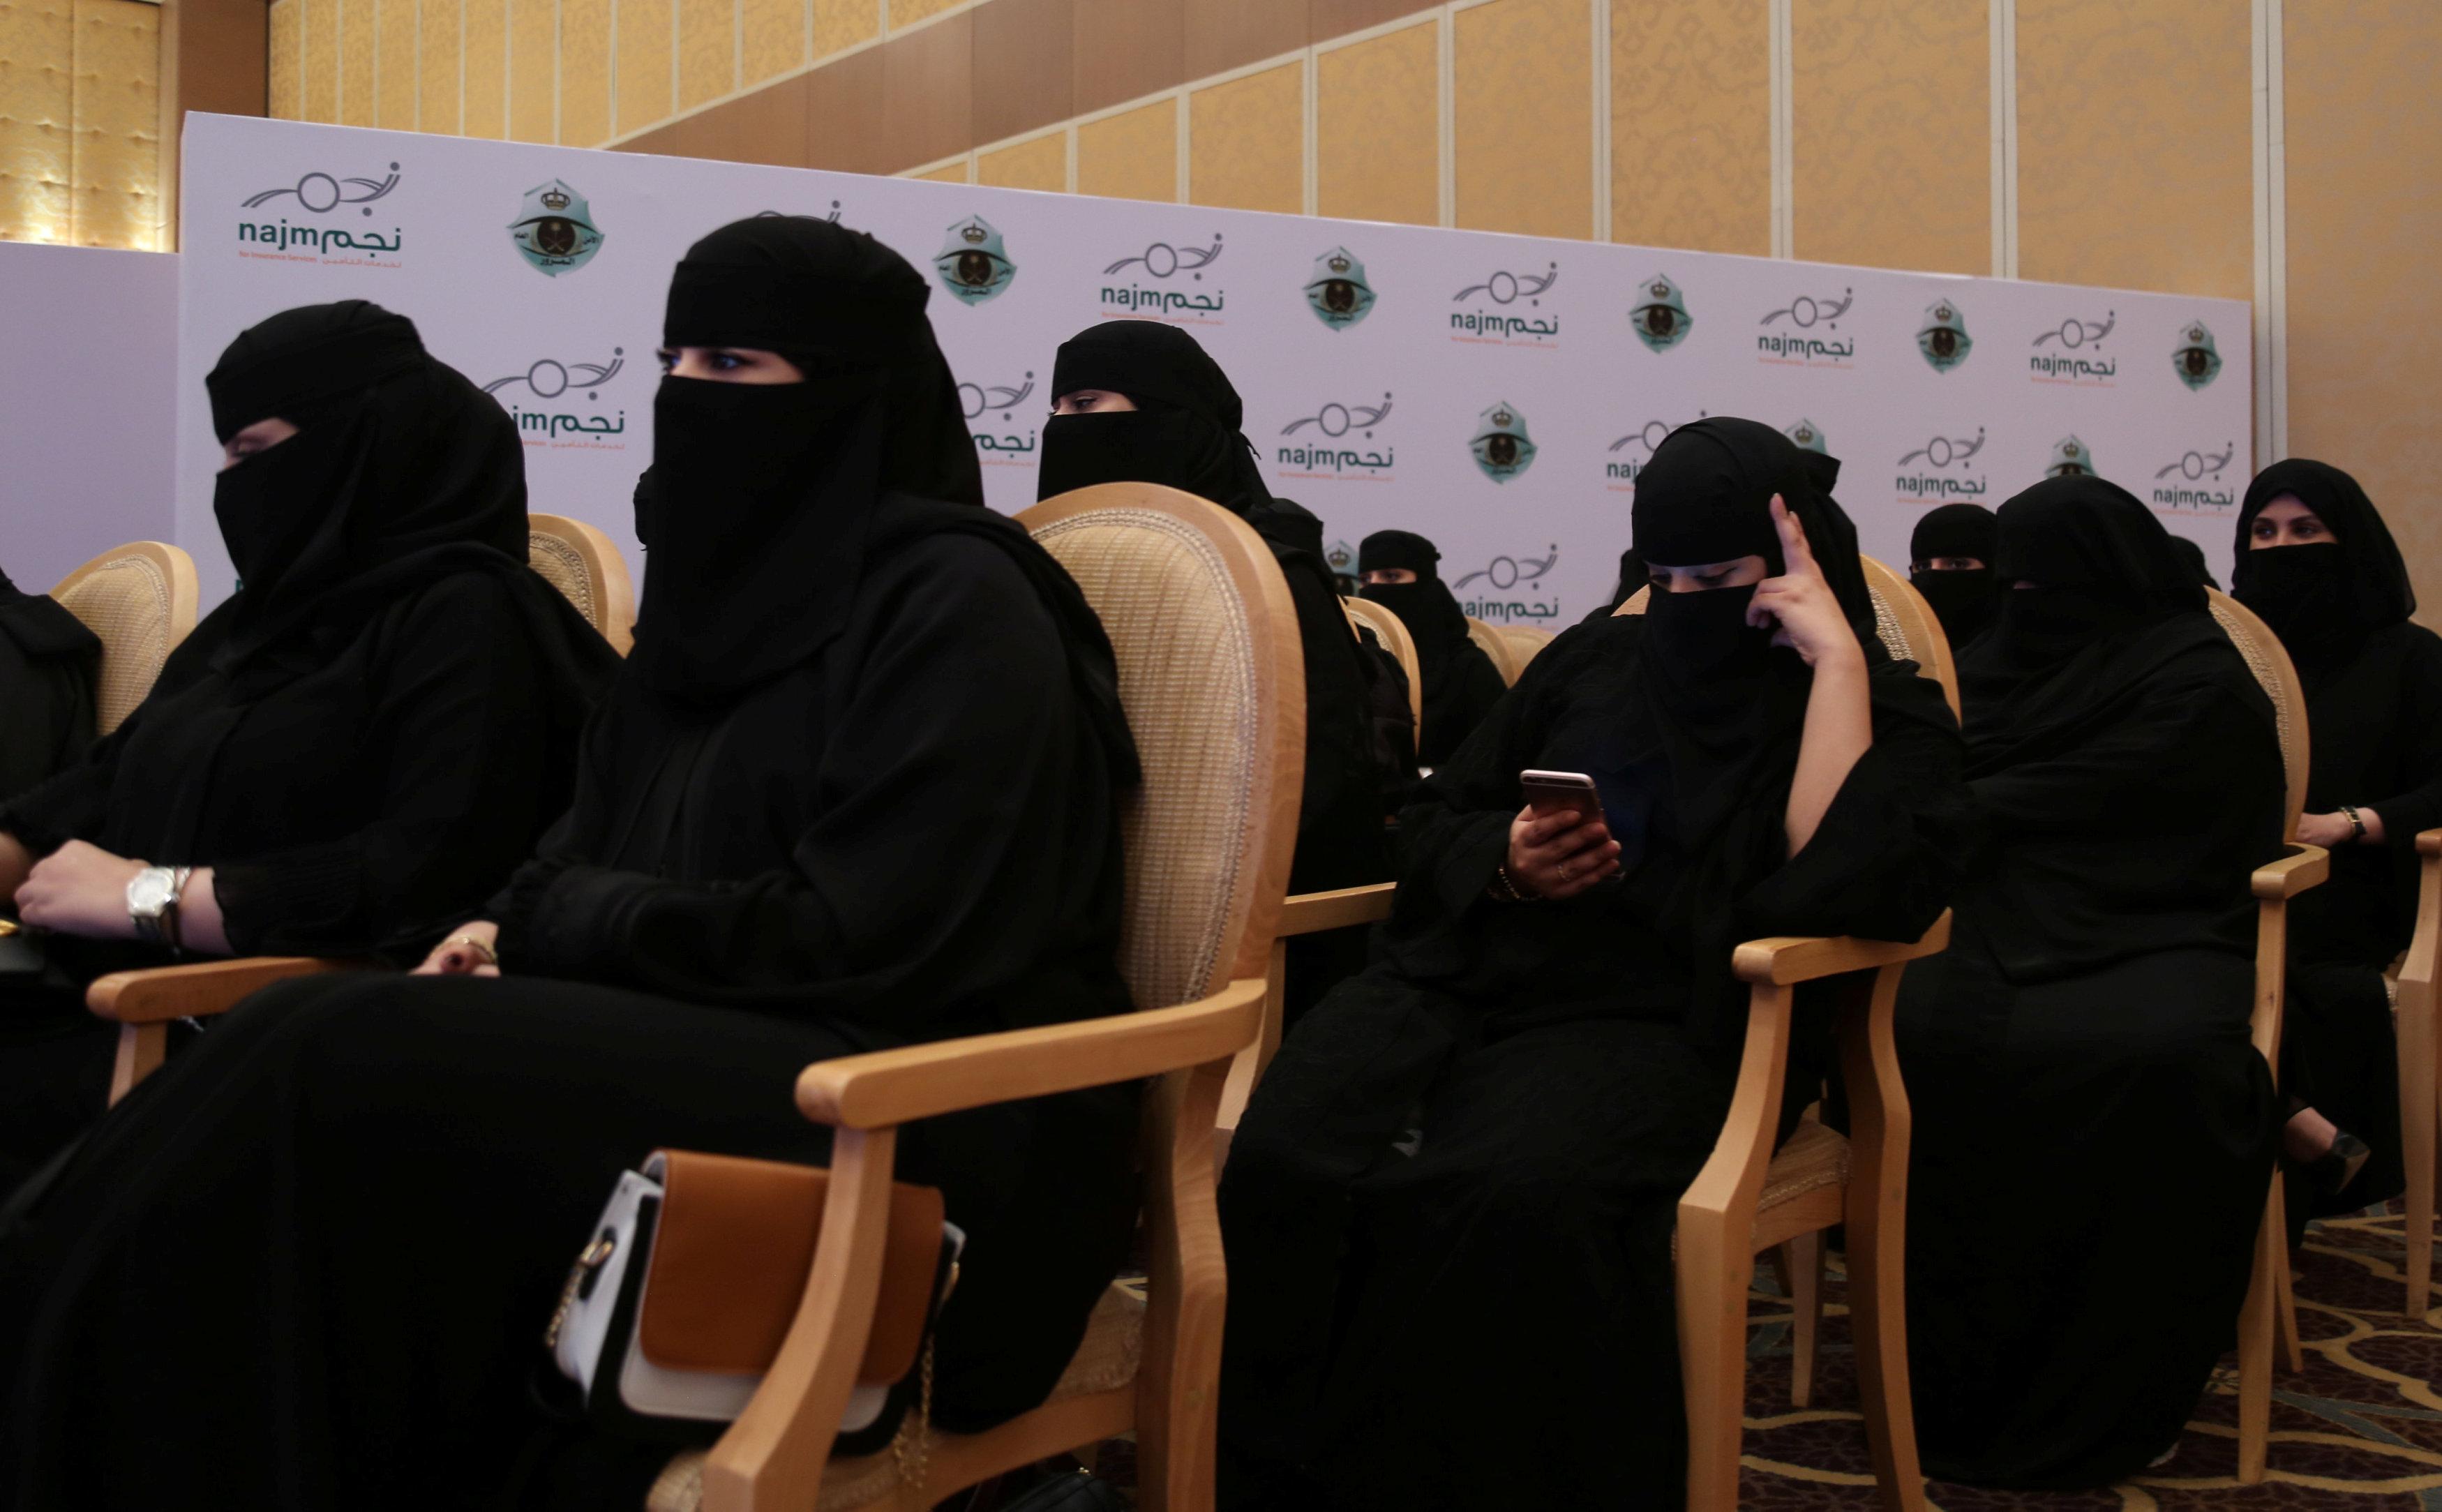 سيدات سعوديات أثناء مشاركتهن فى حفل التخرج